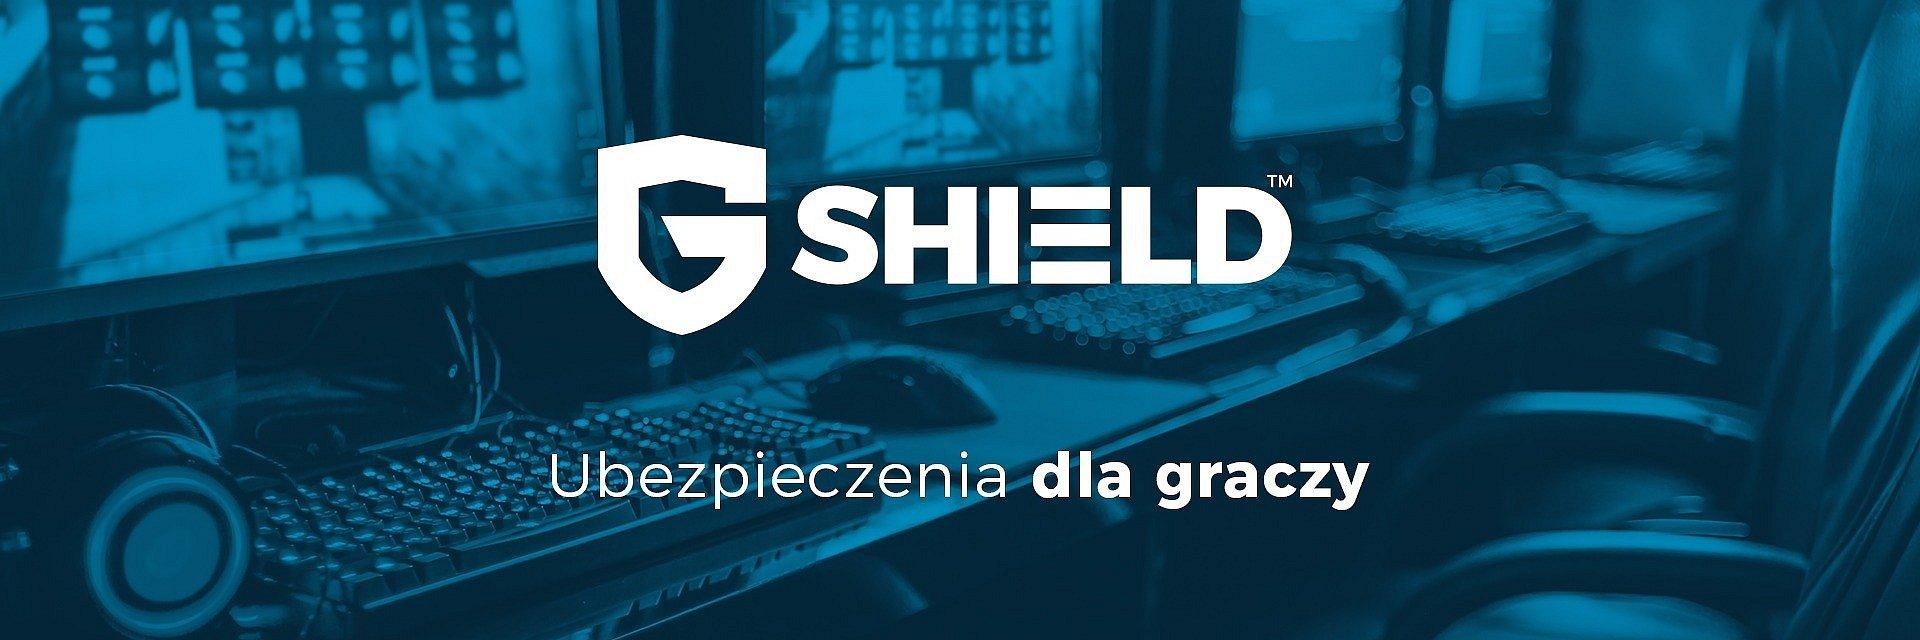 Gshield.gg ubezpieczy sprzęt gamingowy, konta w grach oraz wirtualne przedmioty